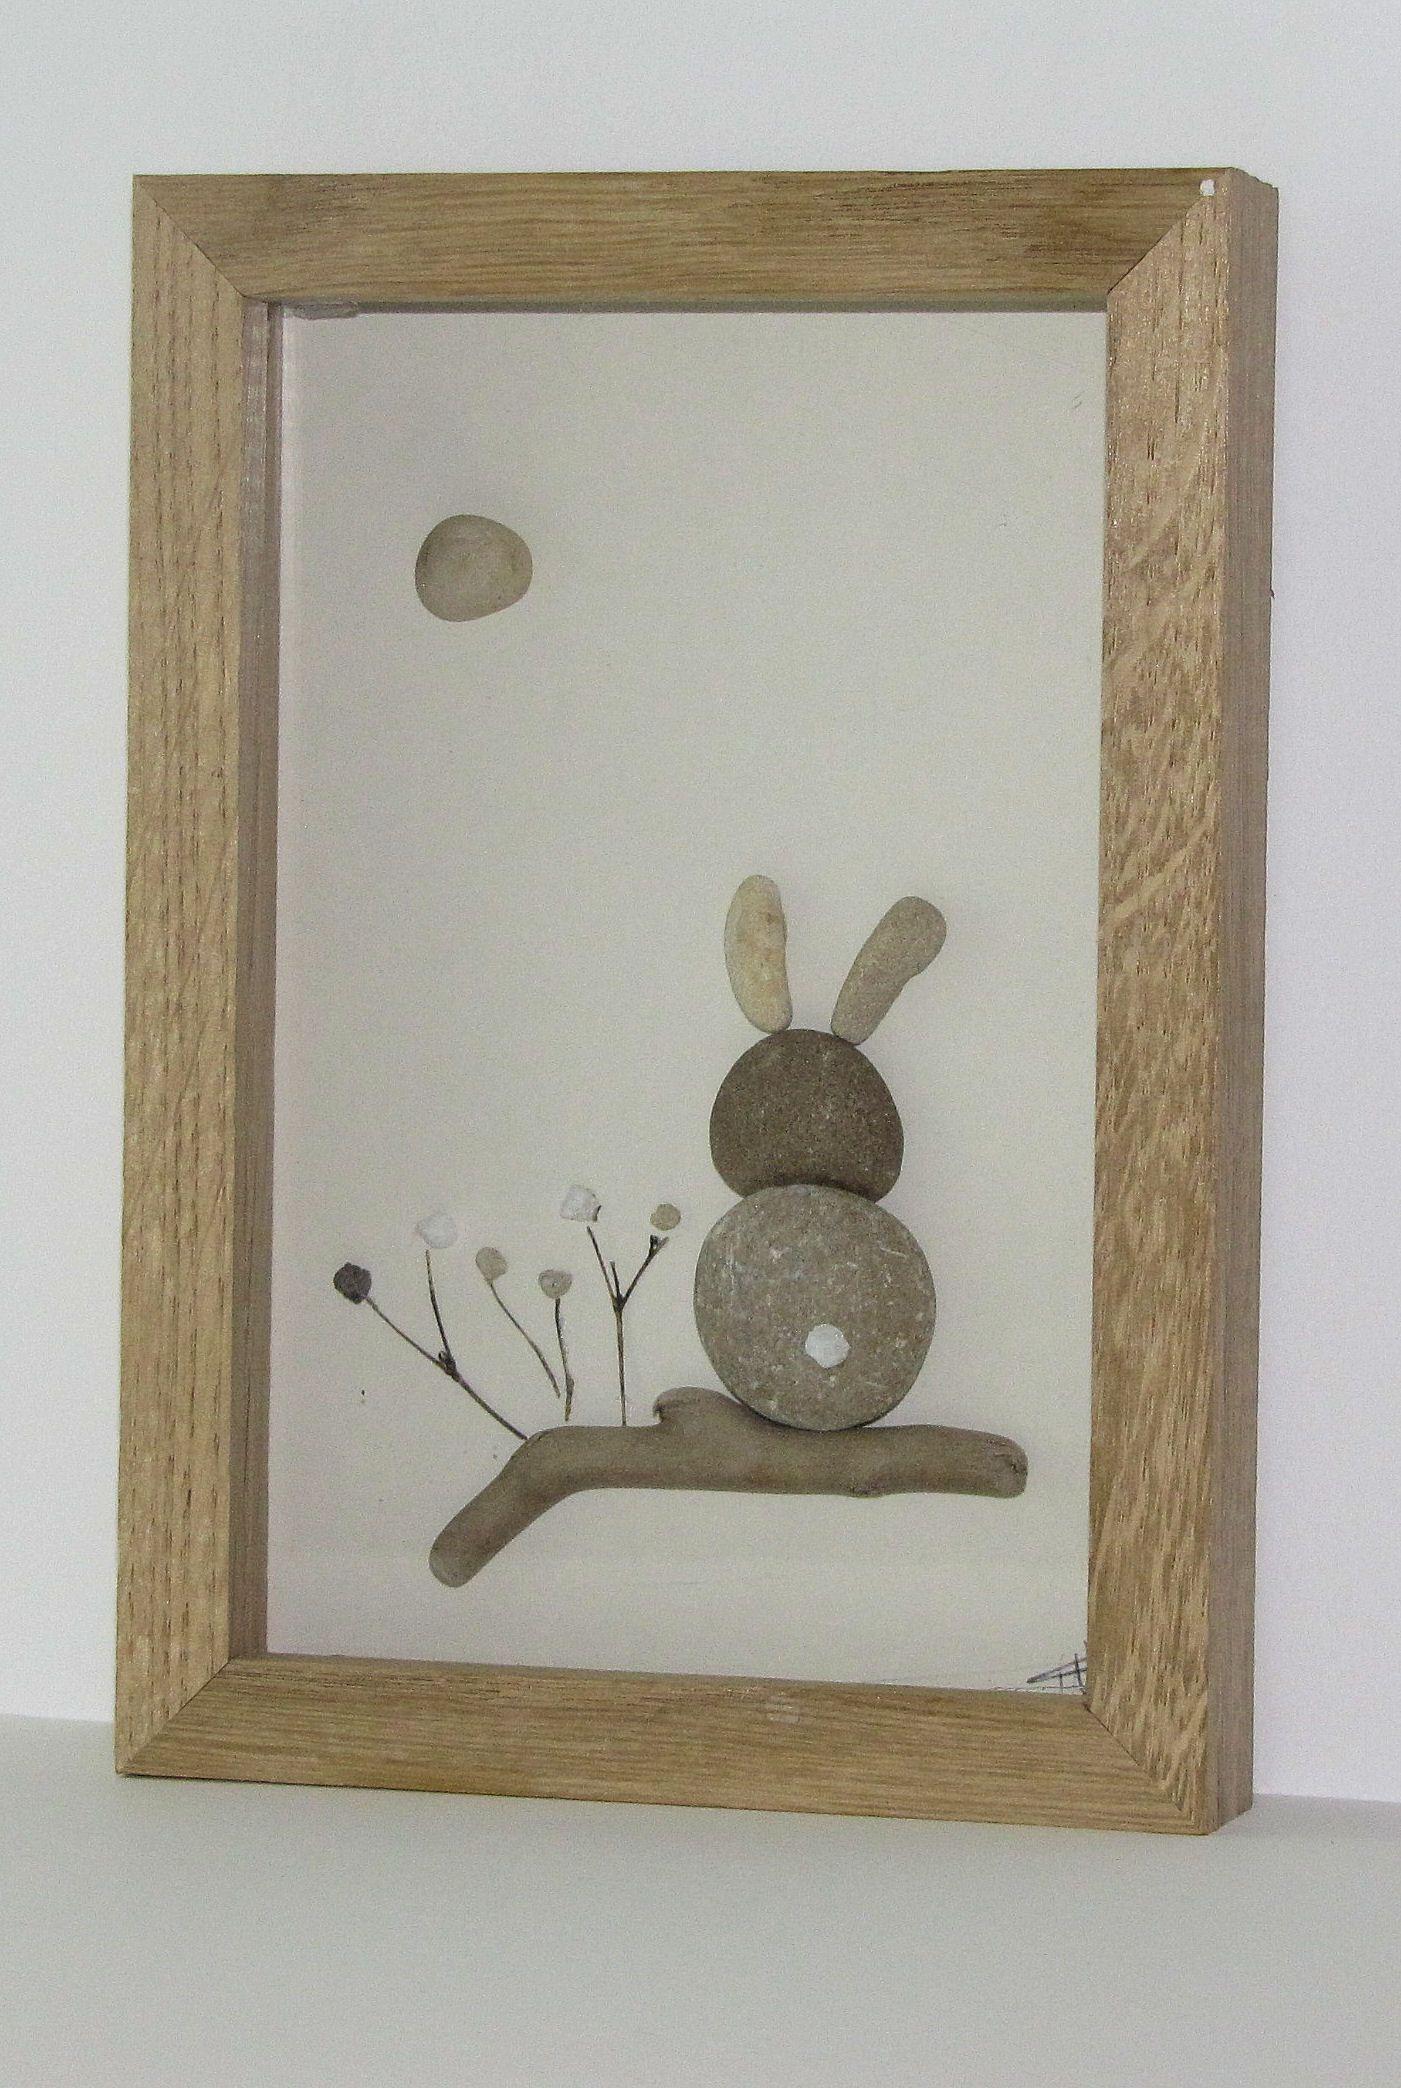 le lapin tableau avec galet de plage et bois flott d coration murale cadeau enfant. Black Bedroom Furniture Sets. Home Design Ideas